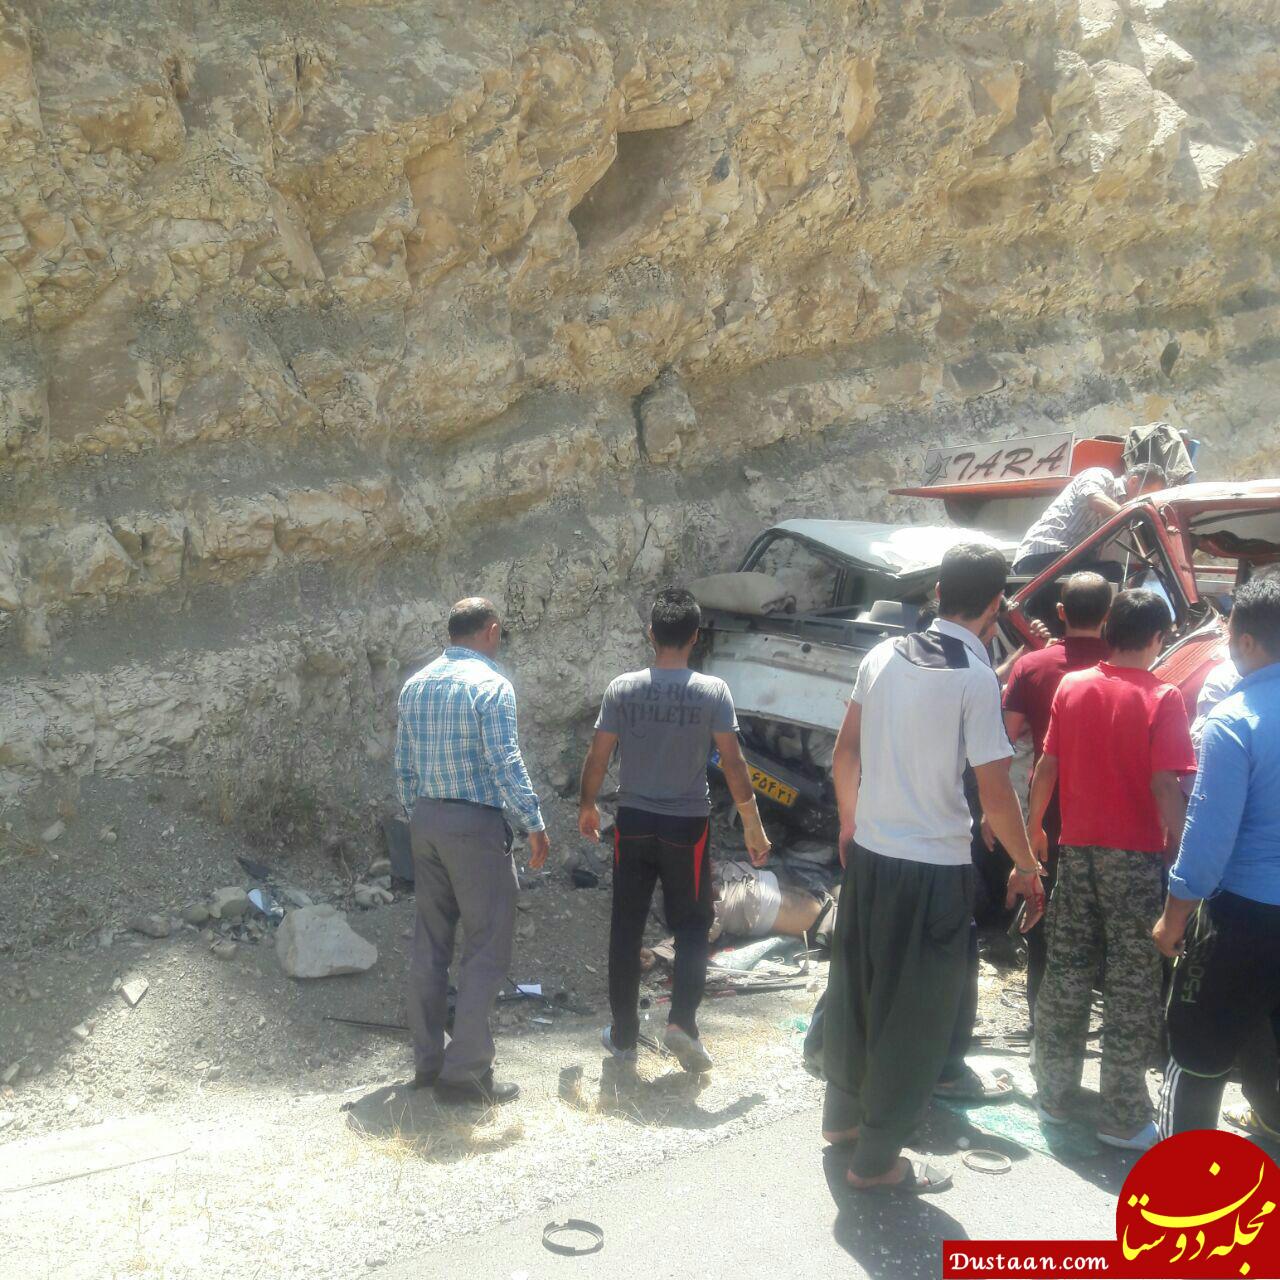 تصادف در جاده پل خرم آباد یک کشته ۳ زخمی بر جای گذاشت تصادف 3 خودرو درون پل جان دو نفر را گرفت +عکس